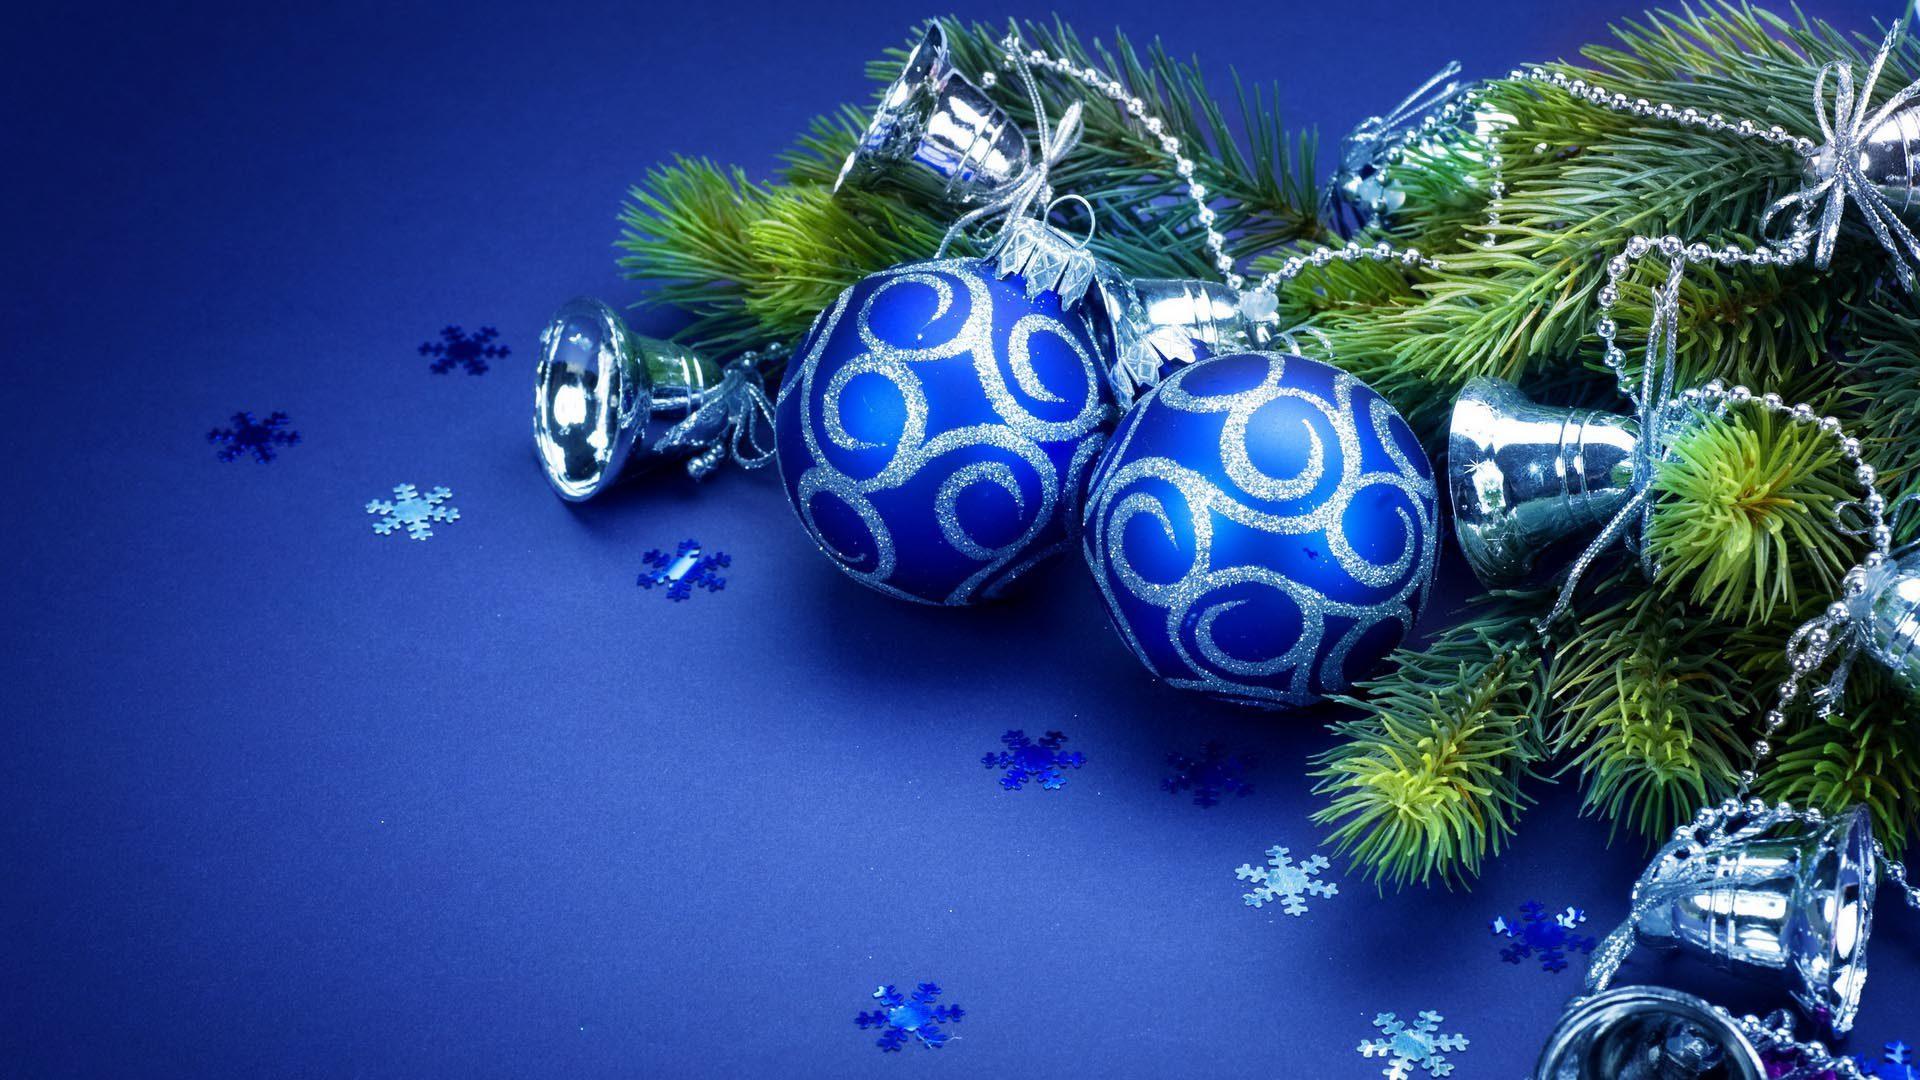 Новогодние шары красиво лежат на столе